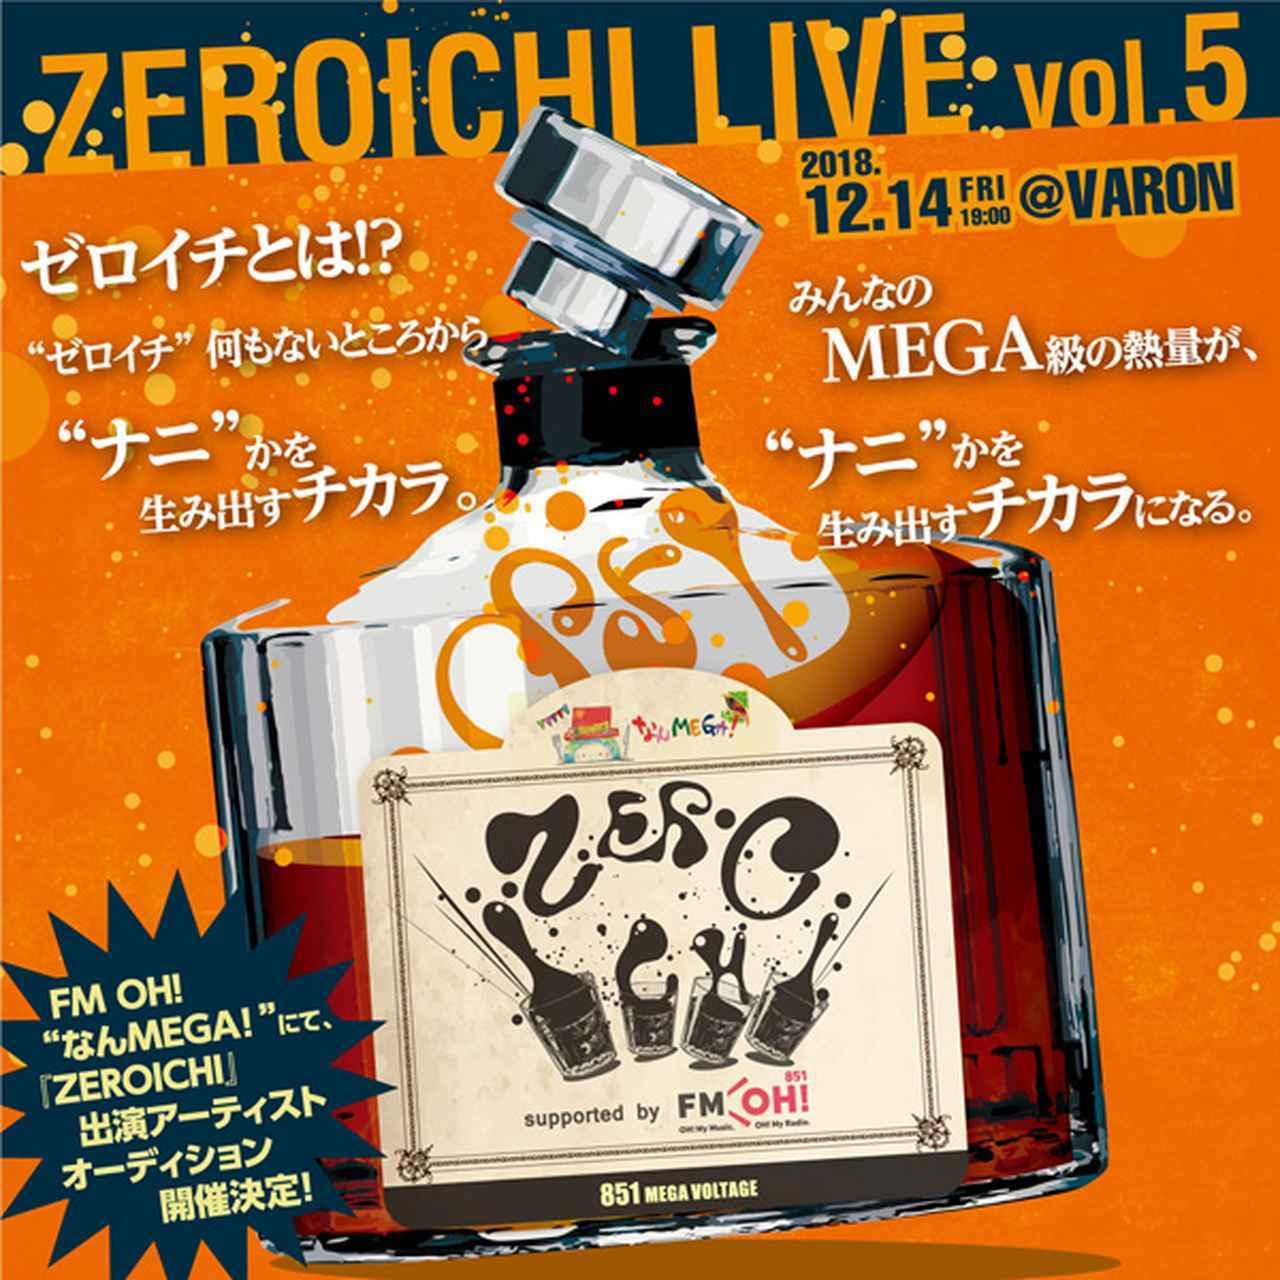 画像: ZEROICHI LIVE Vol.5 supported by FM OH! - FM OH! 85.1